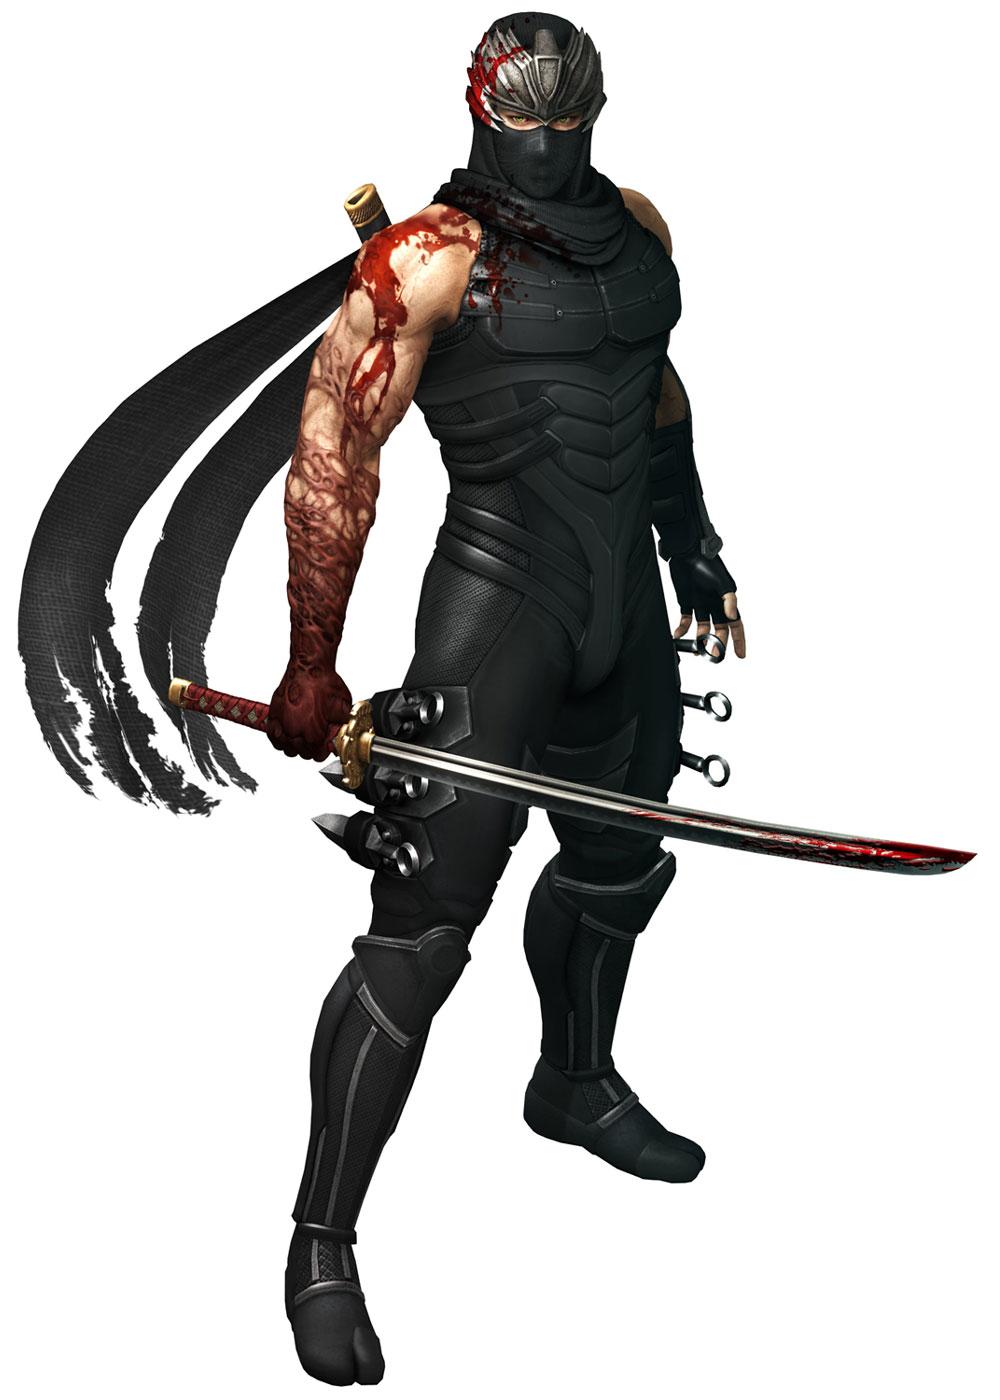 Ryu Hayabusa (Dead or Alive / Ninja Gaiden)